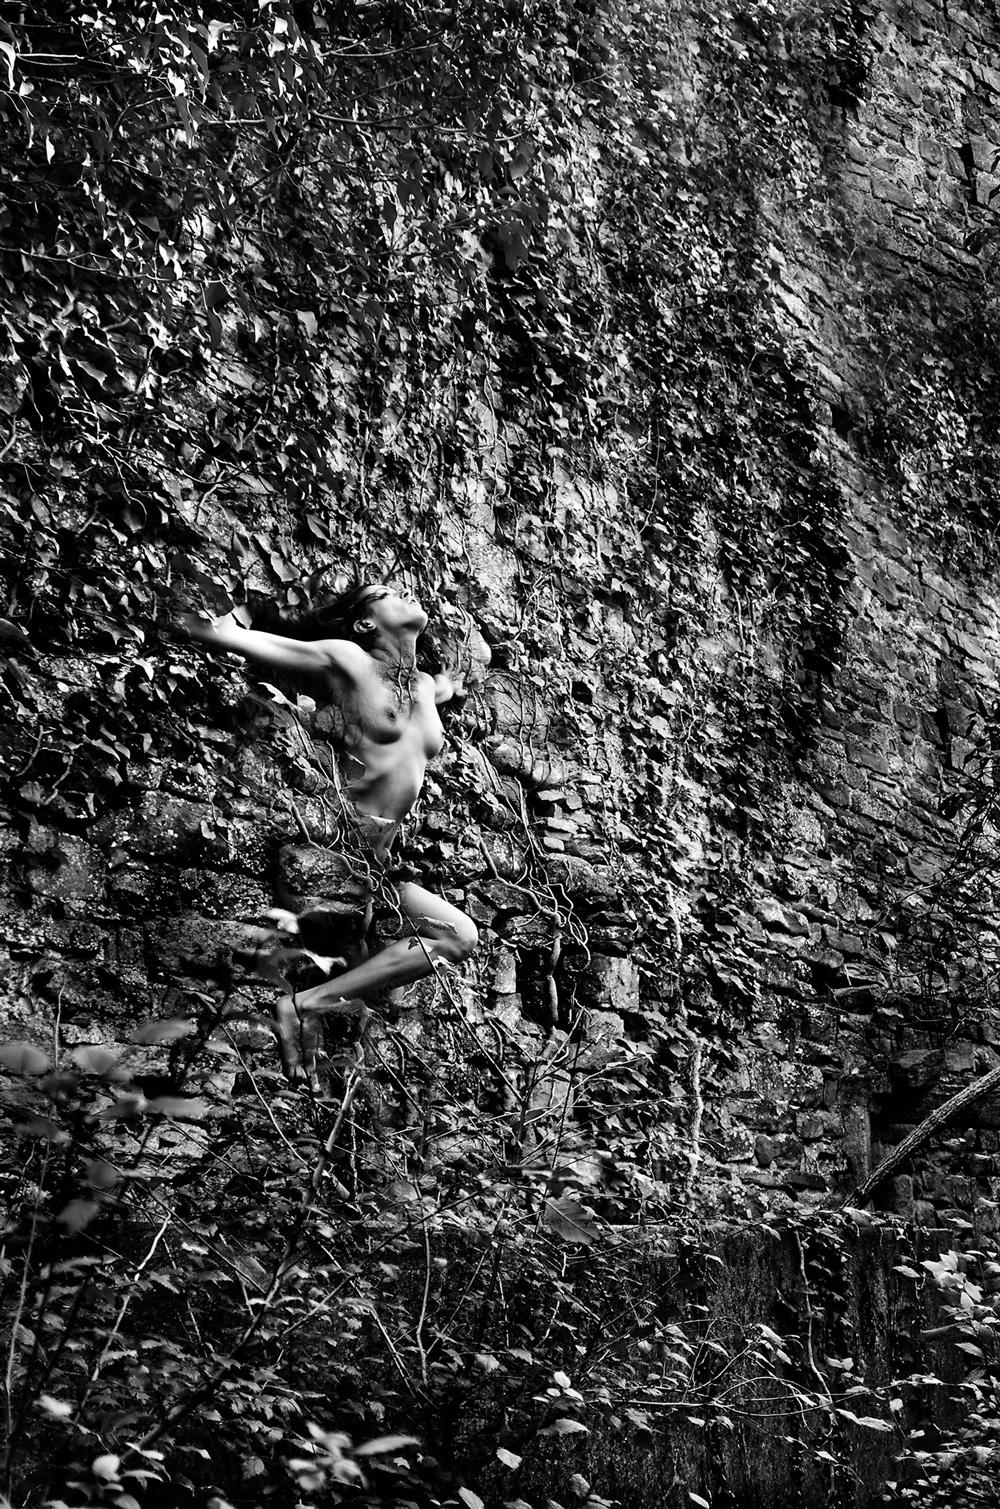 Giada Paolini Fotografia digitale Anelito Stampa su forex 160x90 cm